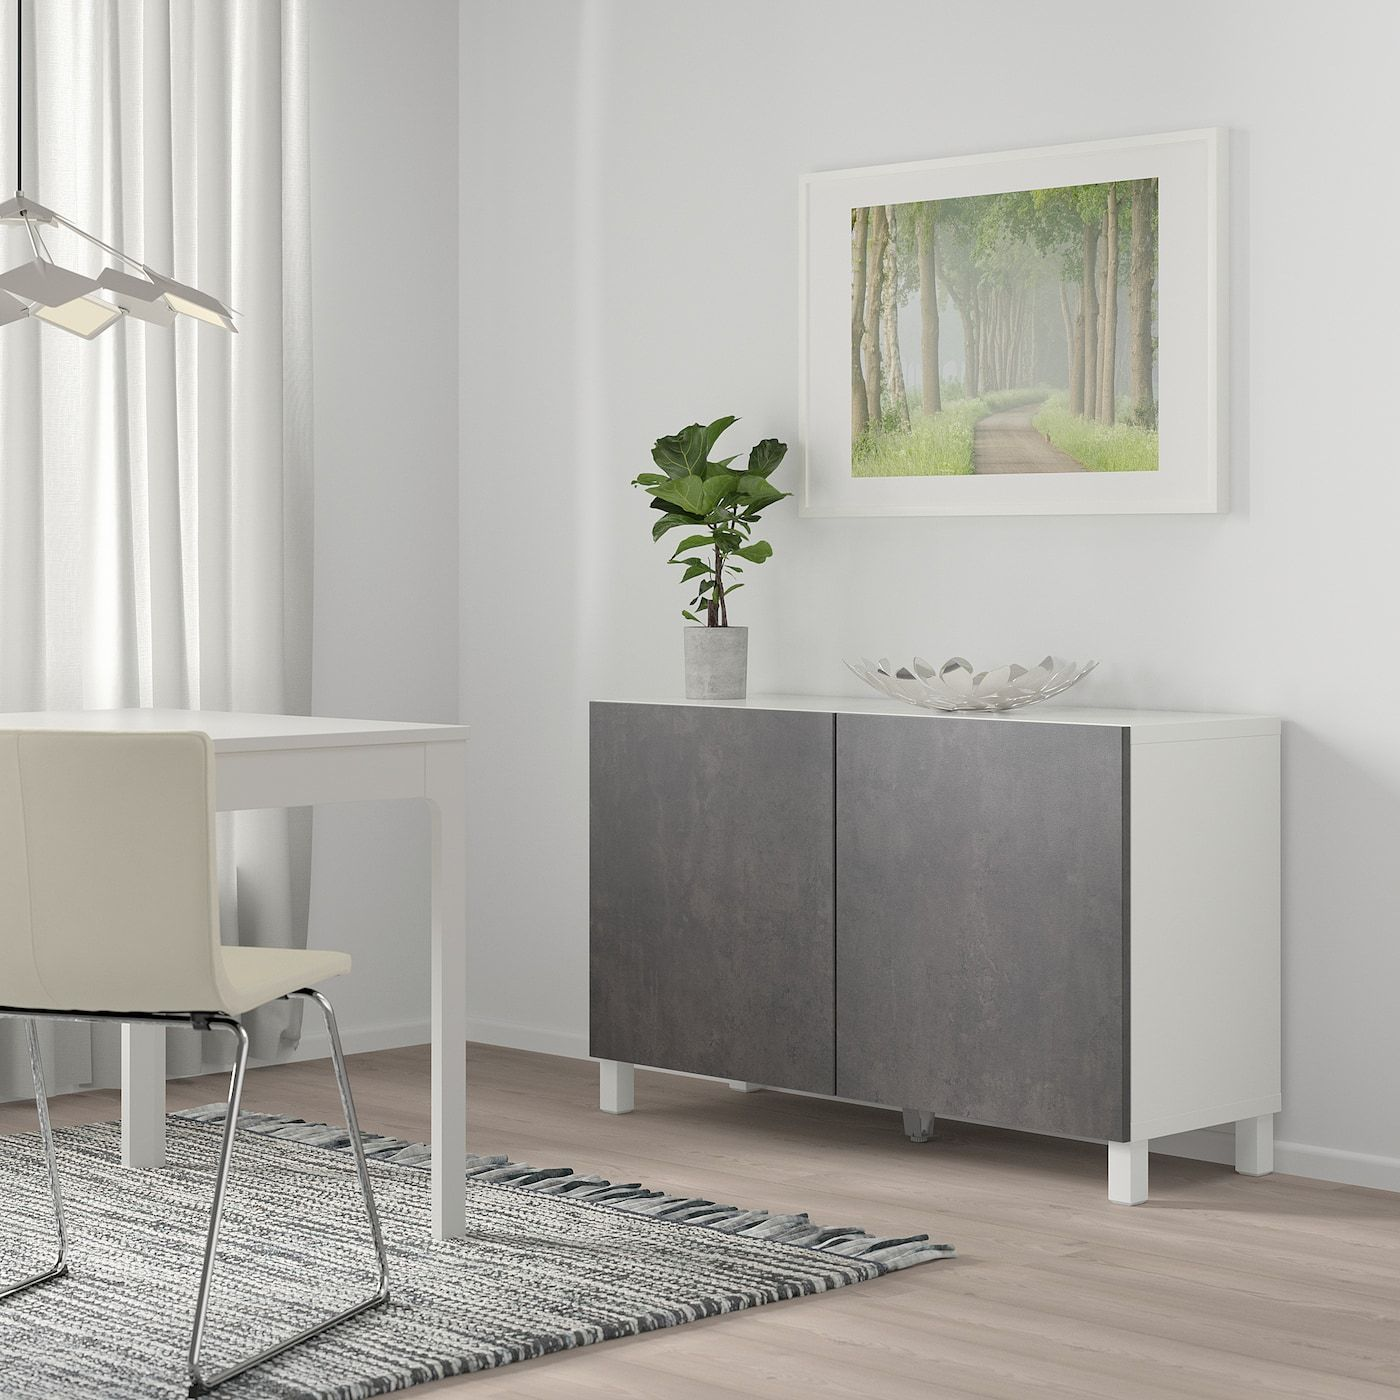 Full Size of Ikea Best Storage Combination With Doors White Kallviken Dark Glastrennwand Dusche Sofa Mit Schlaffunktion Miniküche Küche Kosten Trennwand Garten Kaufen Wohnzimmer Trennwand Ikea